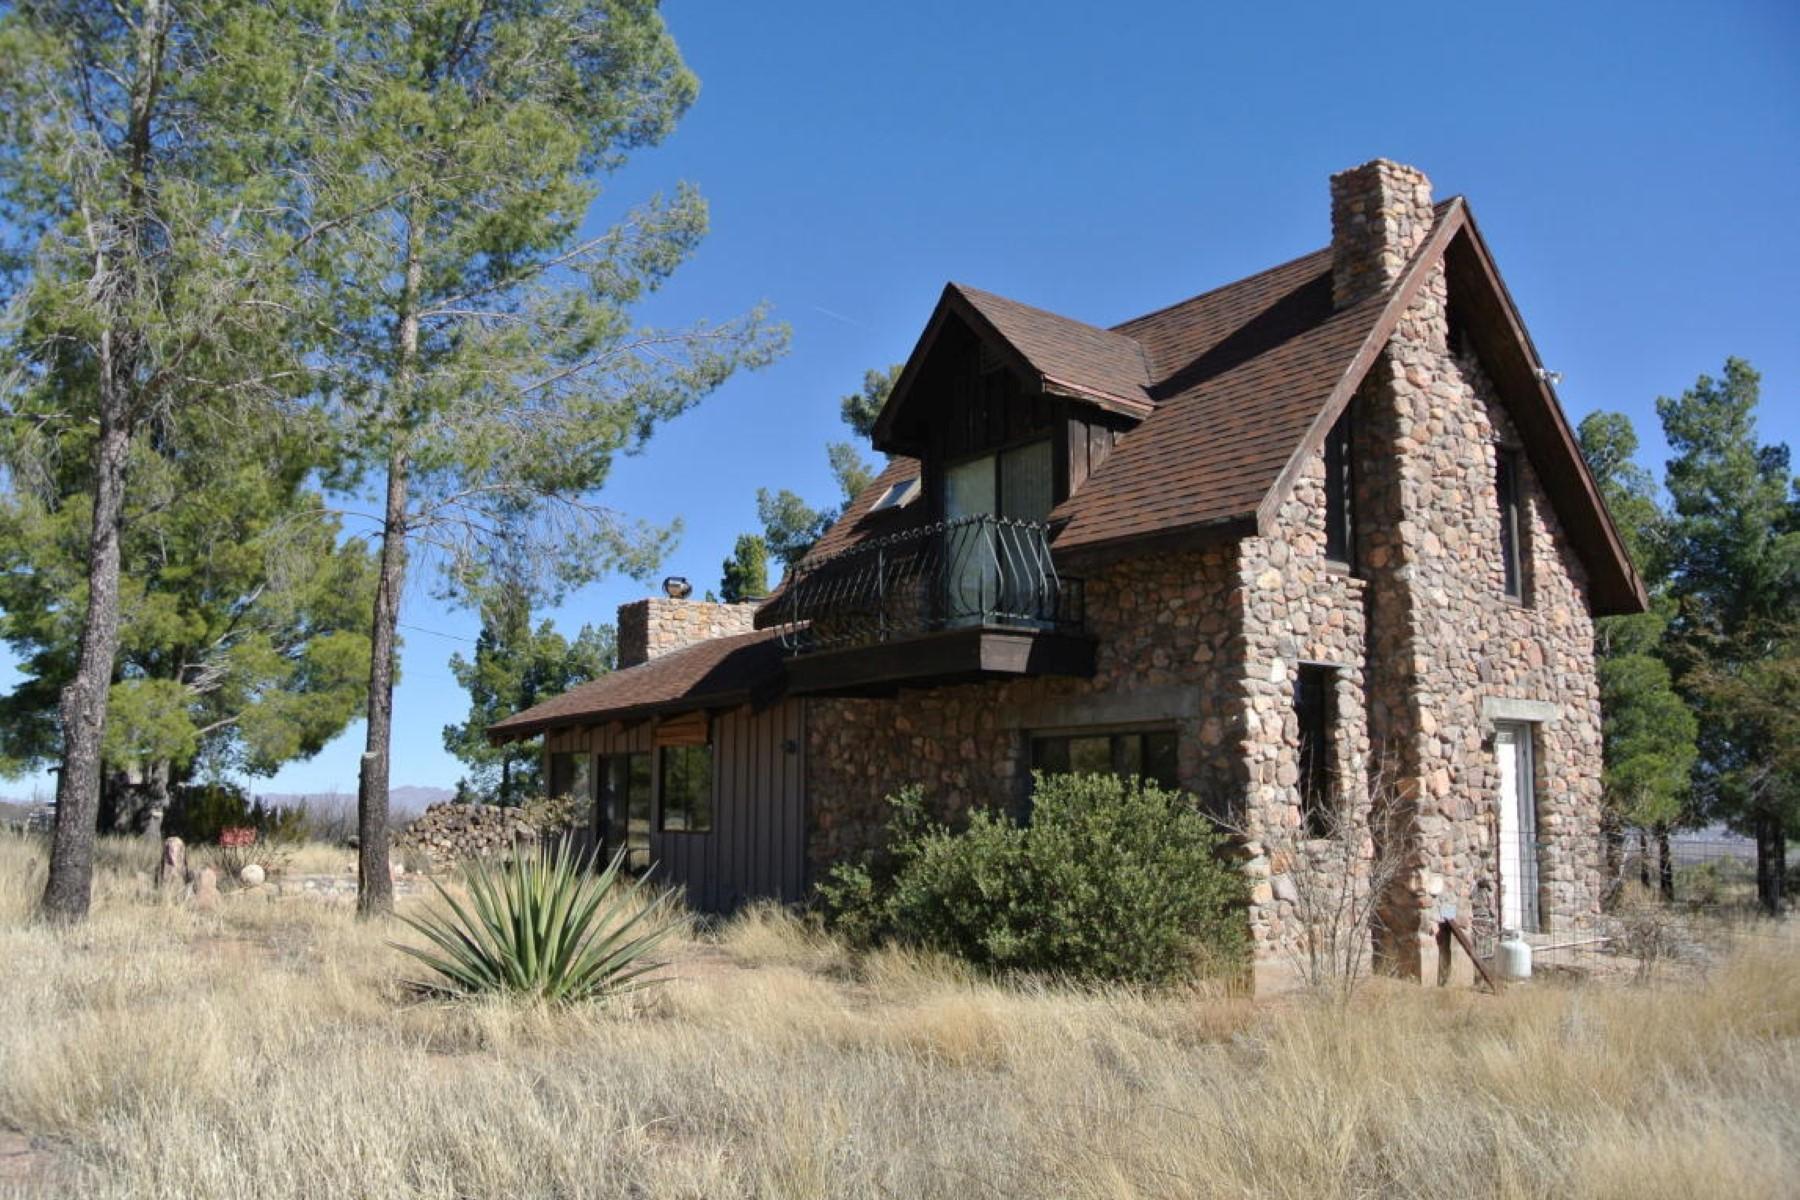 단독 가정 주택 용 매매 에 Rustic residence with spectacular scenery 729 W Lone Pine Trail Portal, 아리조나, 85632 미국